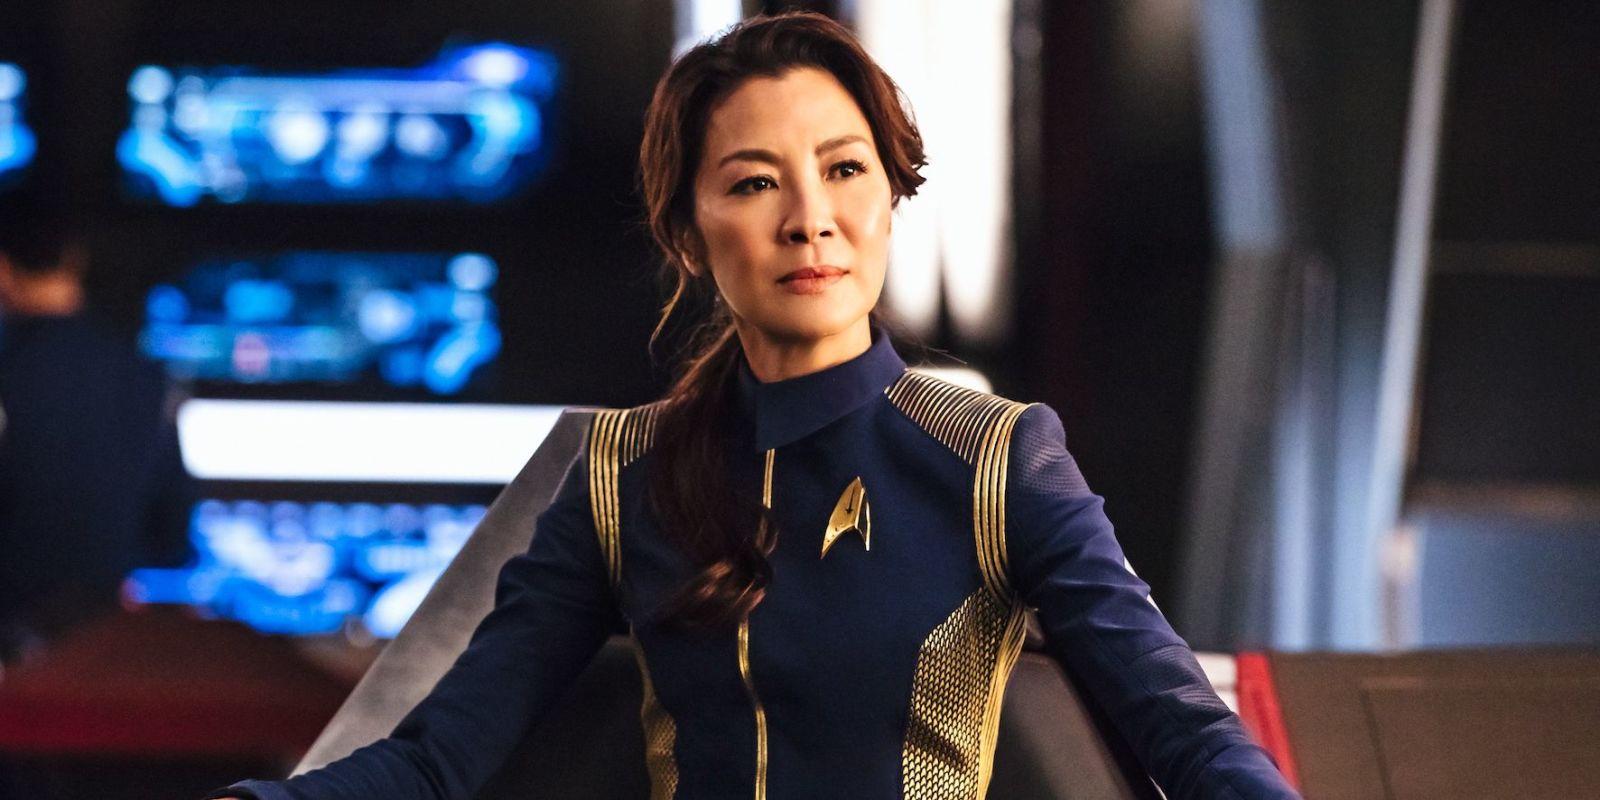 Tan Sri Dato' Seri Michelle Yeoh